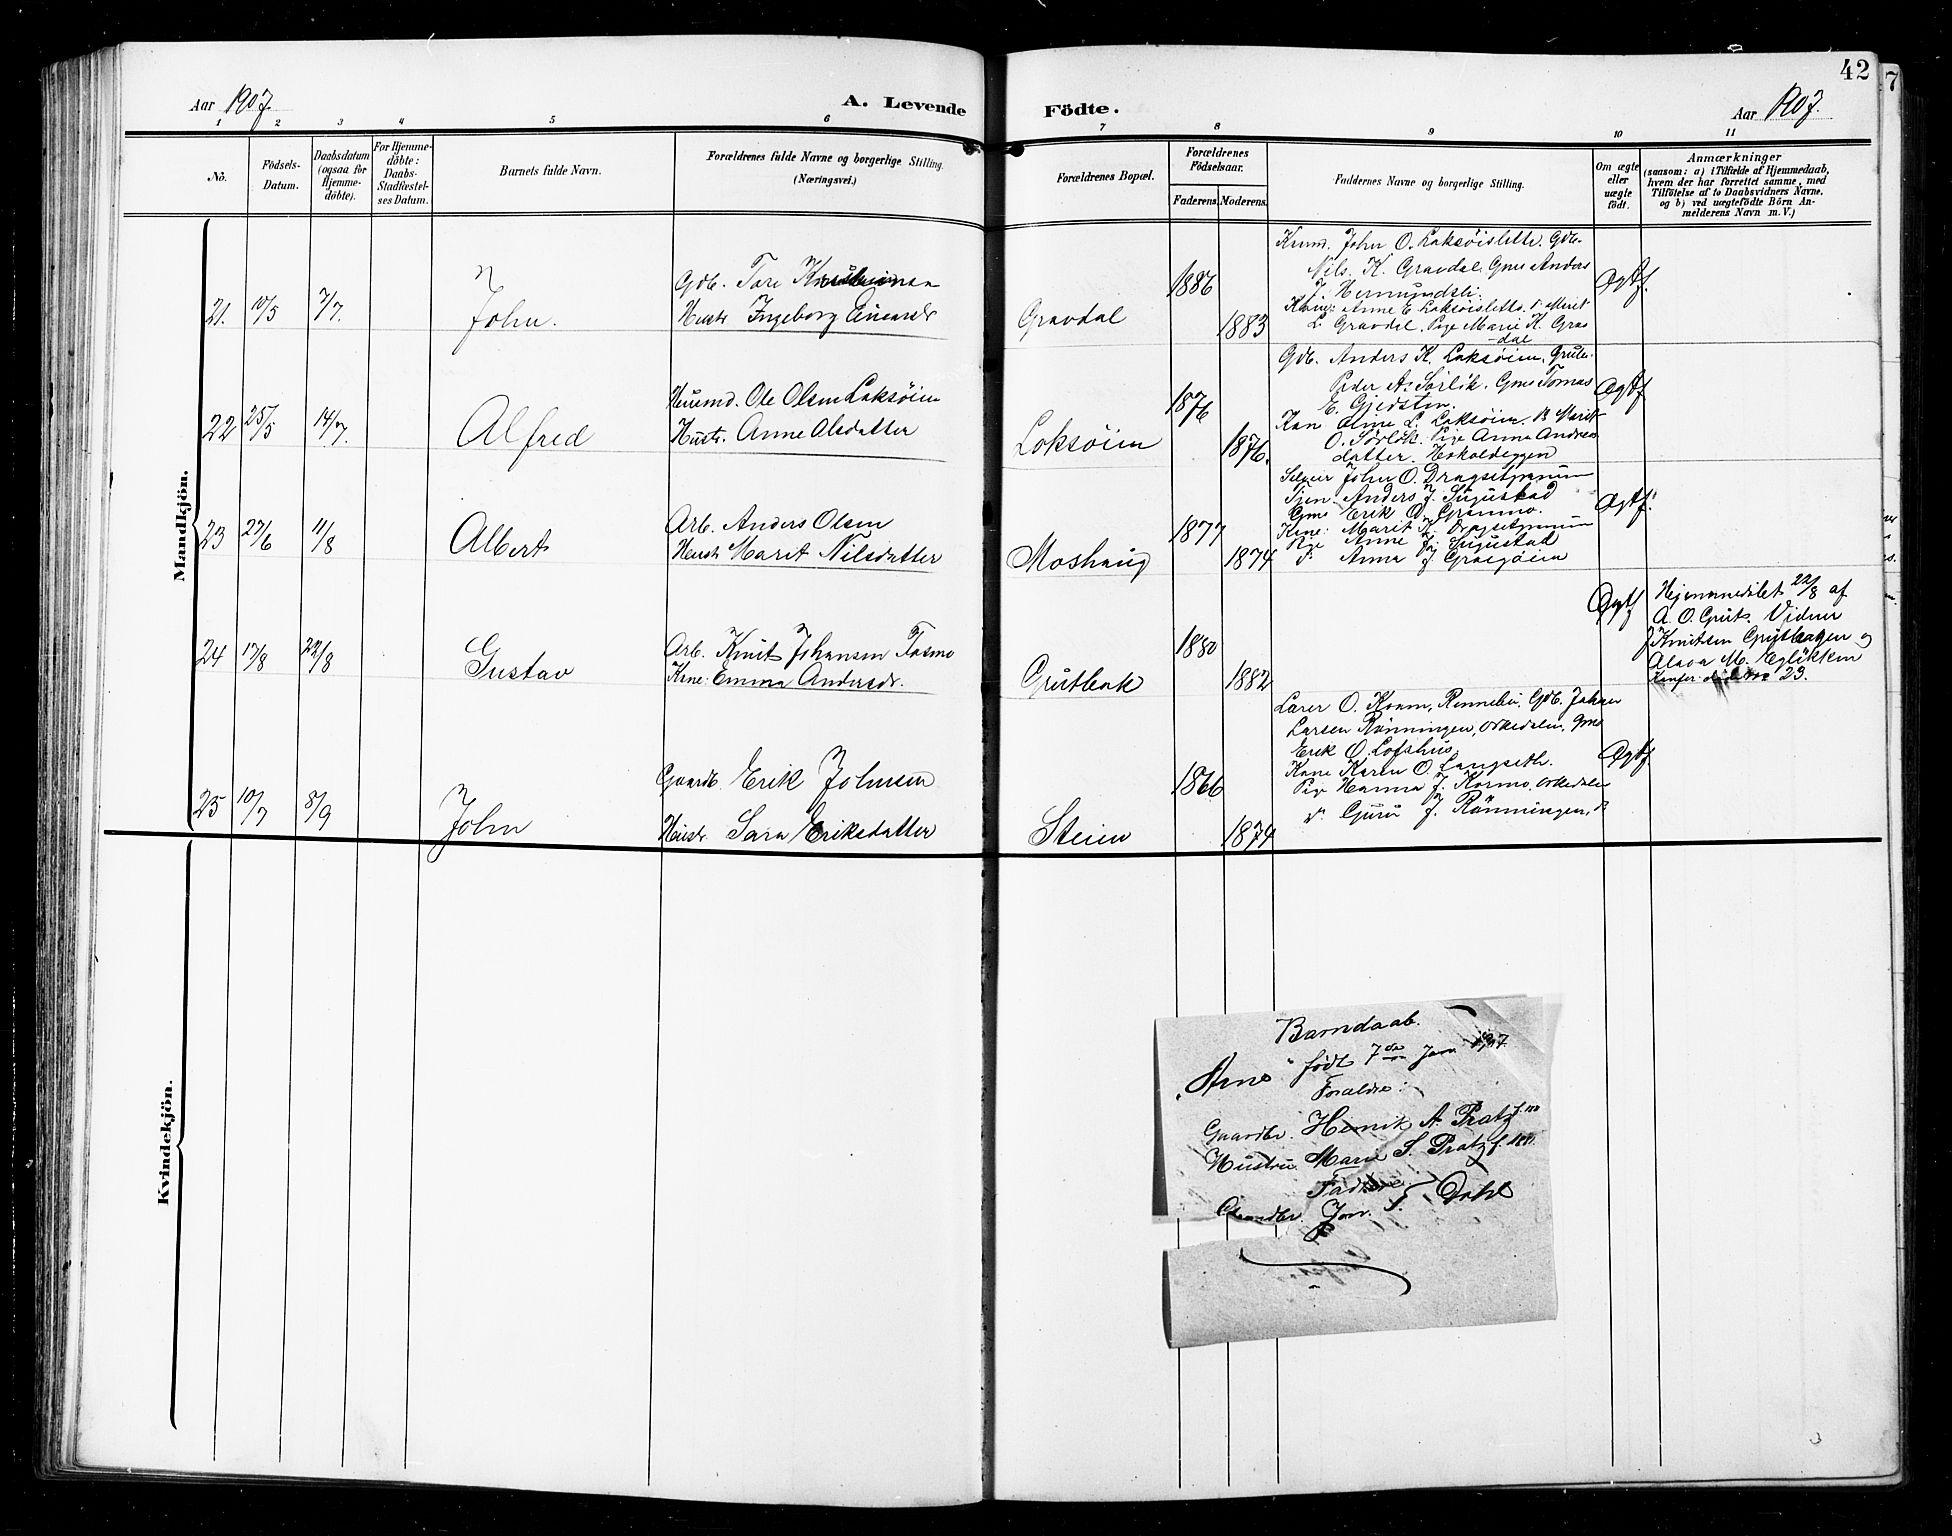 SAT, Ministerialprotokoller, klokkerbøker og fødselsregistre - Sør-Trøndelag, 672/L0864: Klokkerbok nr. 672C03, 1902-1914, s. 42